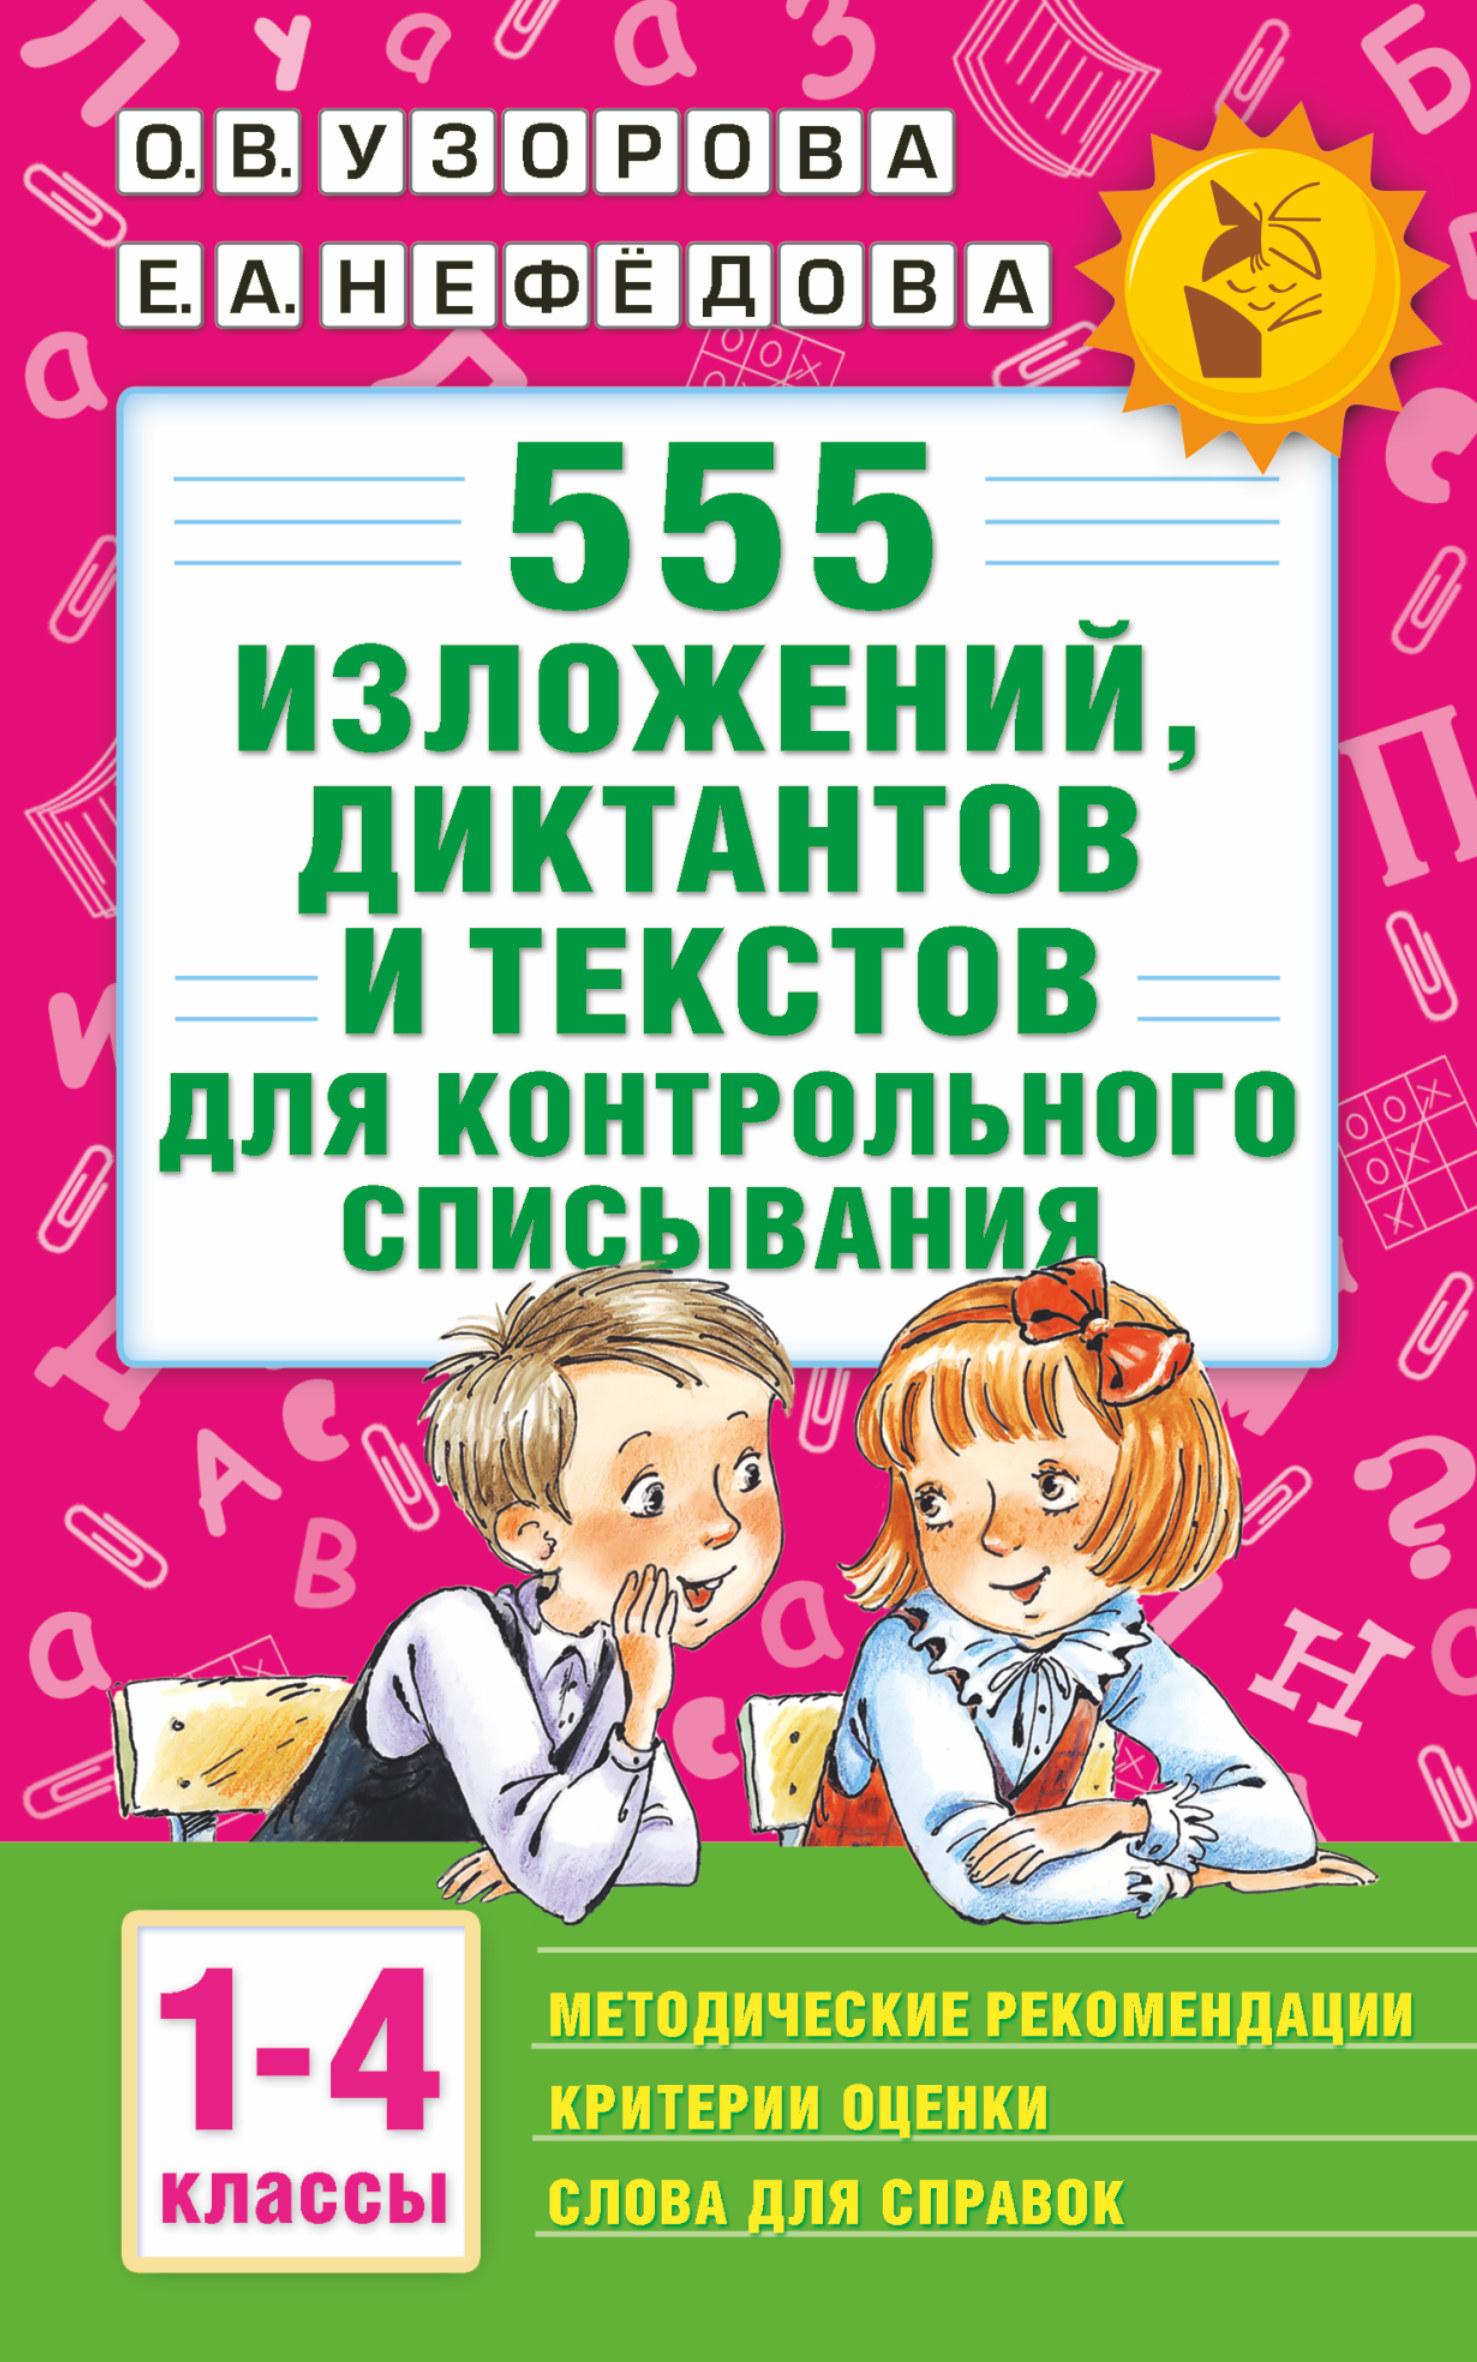 Узорова О.В., Нефёдова Е.А. 555 изложений, диктантов и текстов для контрольного списывания. 1-4 классы